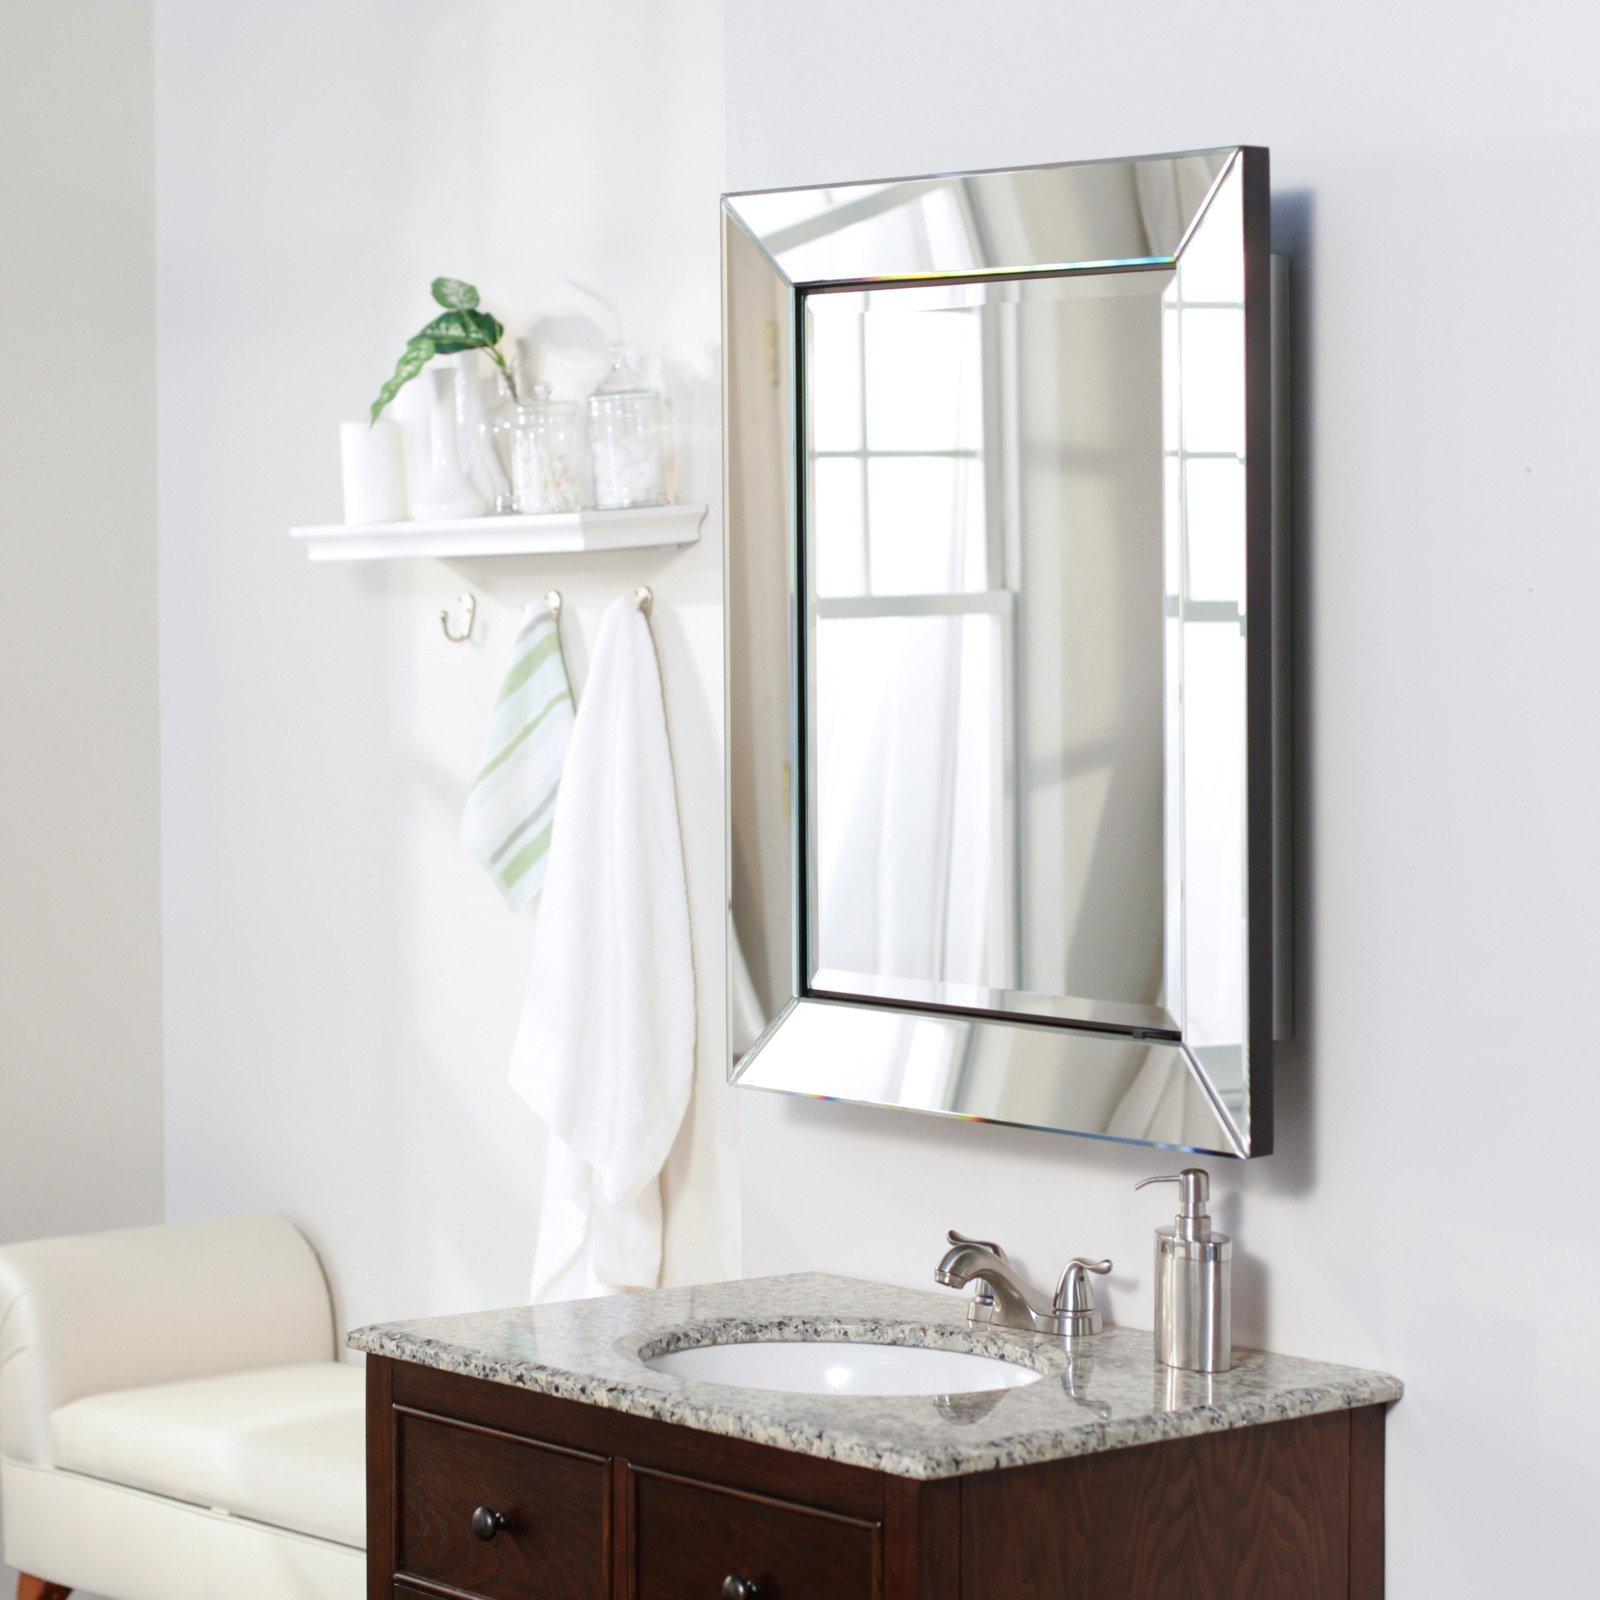 Home Depot Recessed Medicine Cabinet | Jensen Medicine Cabinets | Lowes Vanity Cabinets